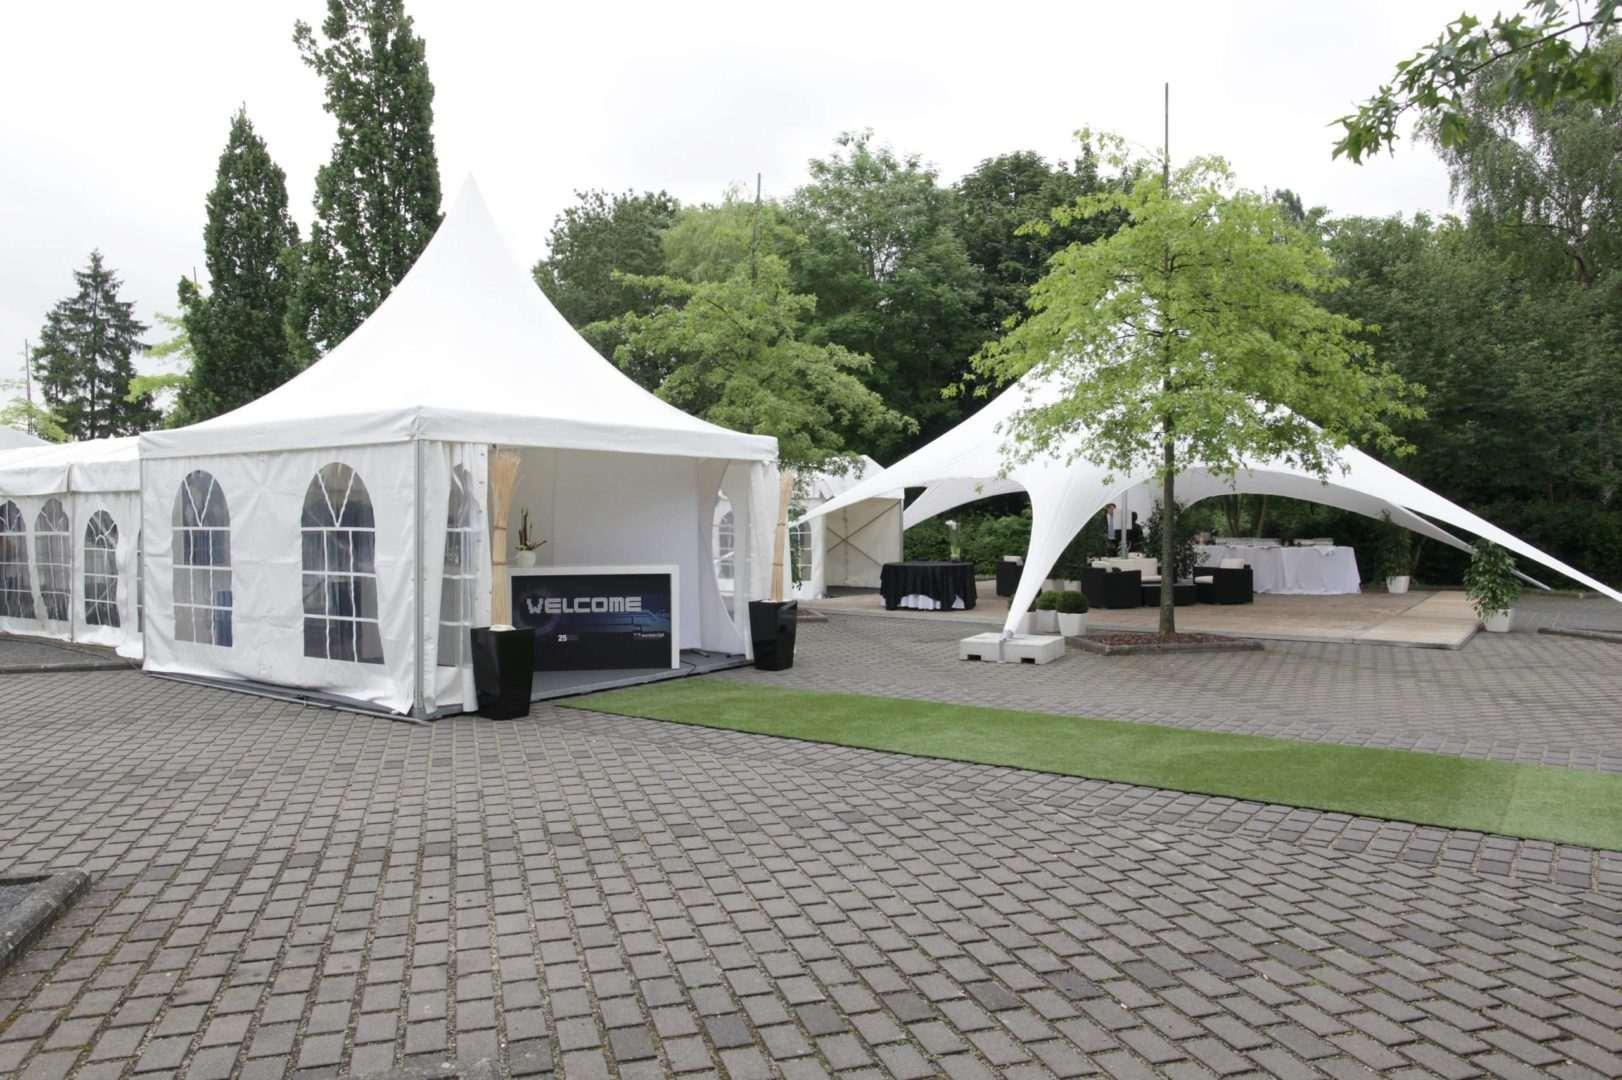 25-ans-euroscript-2009-extérieur-aménagements-toile-tendu-luxembourg